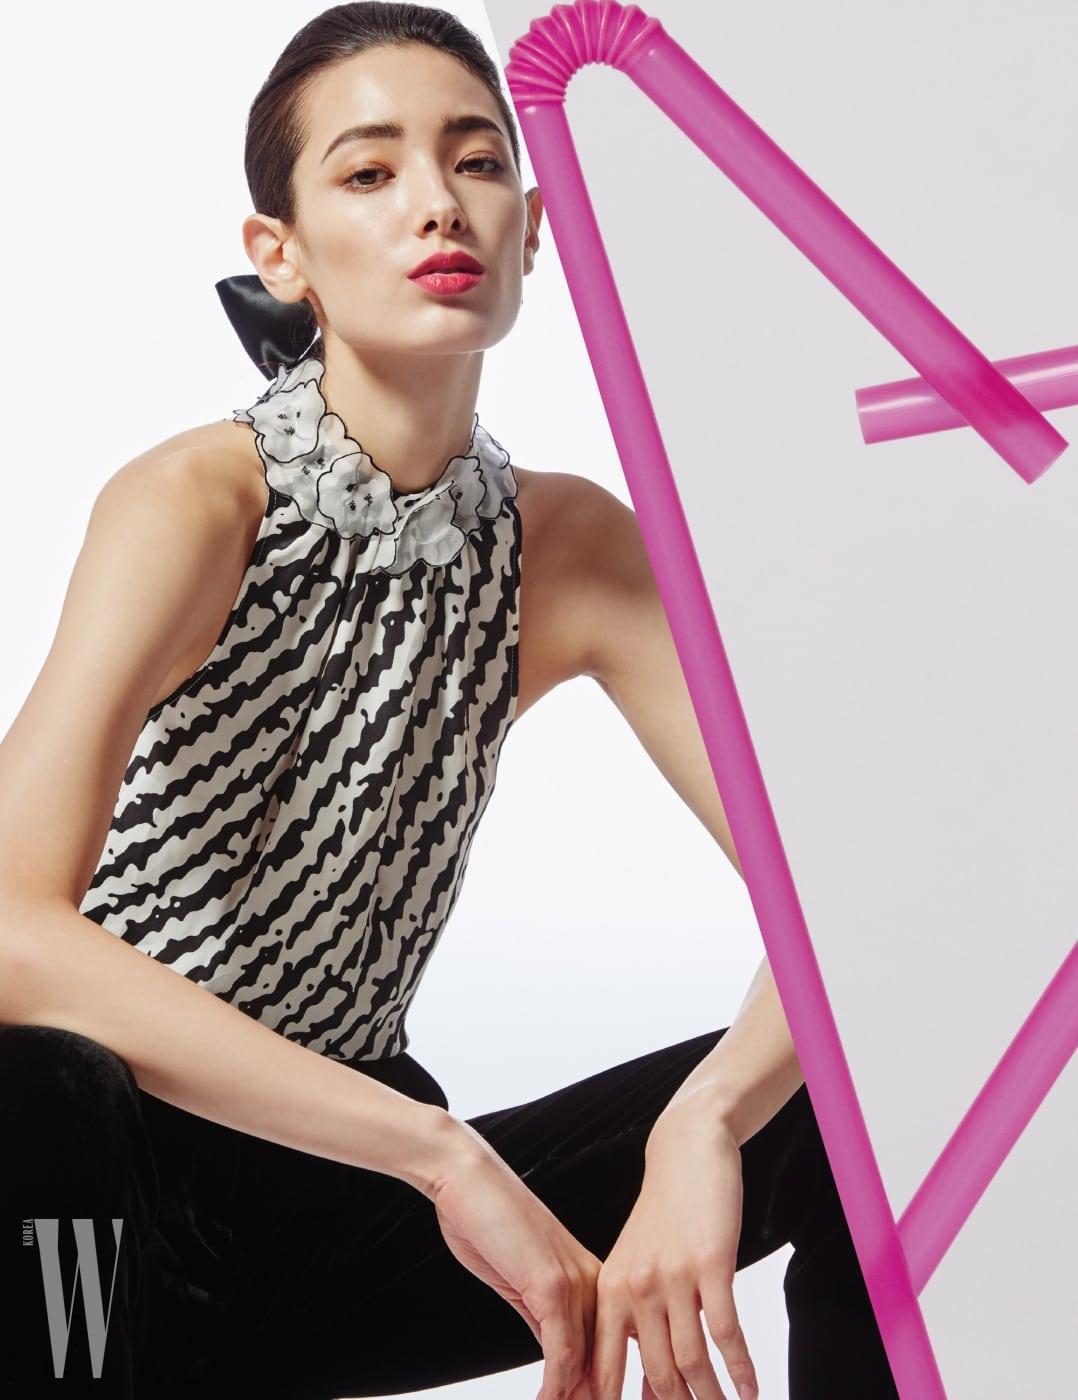 꽃 아플리케를 장식한 그래픽적인 터틀넥 블라우스, 검정 슈트 팬츠는 Emporio Armani 제품.